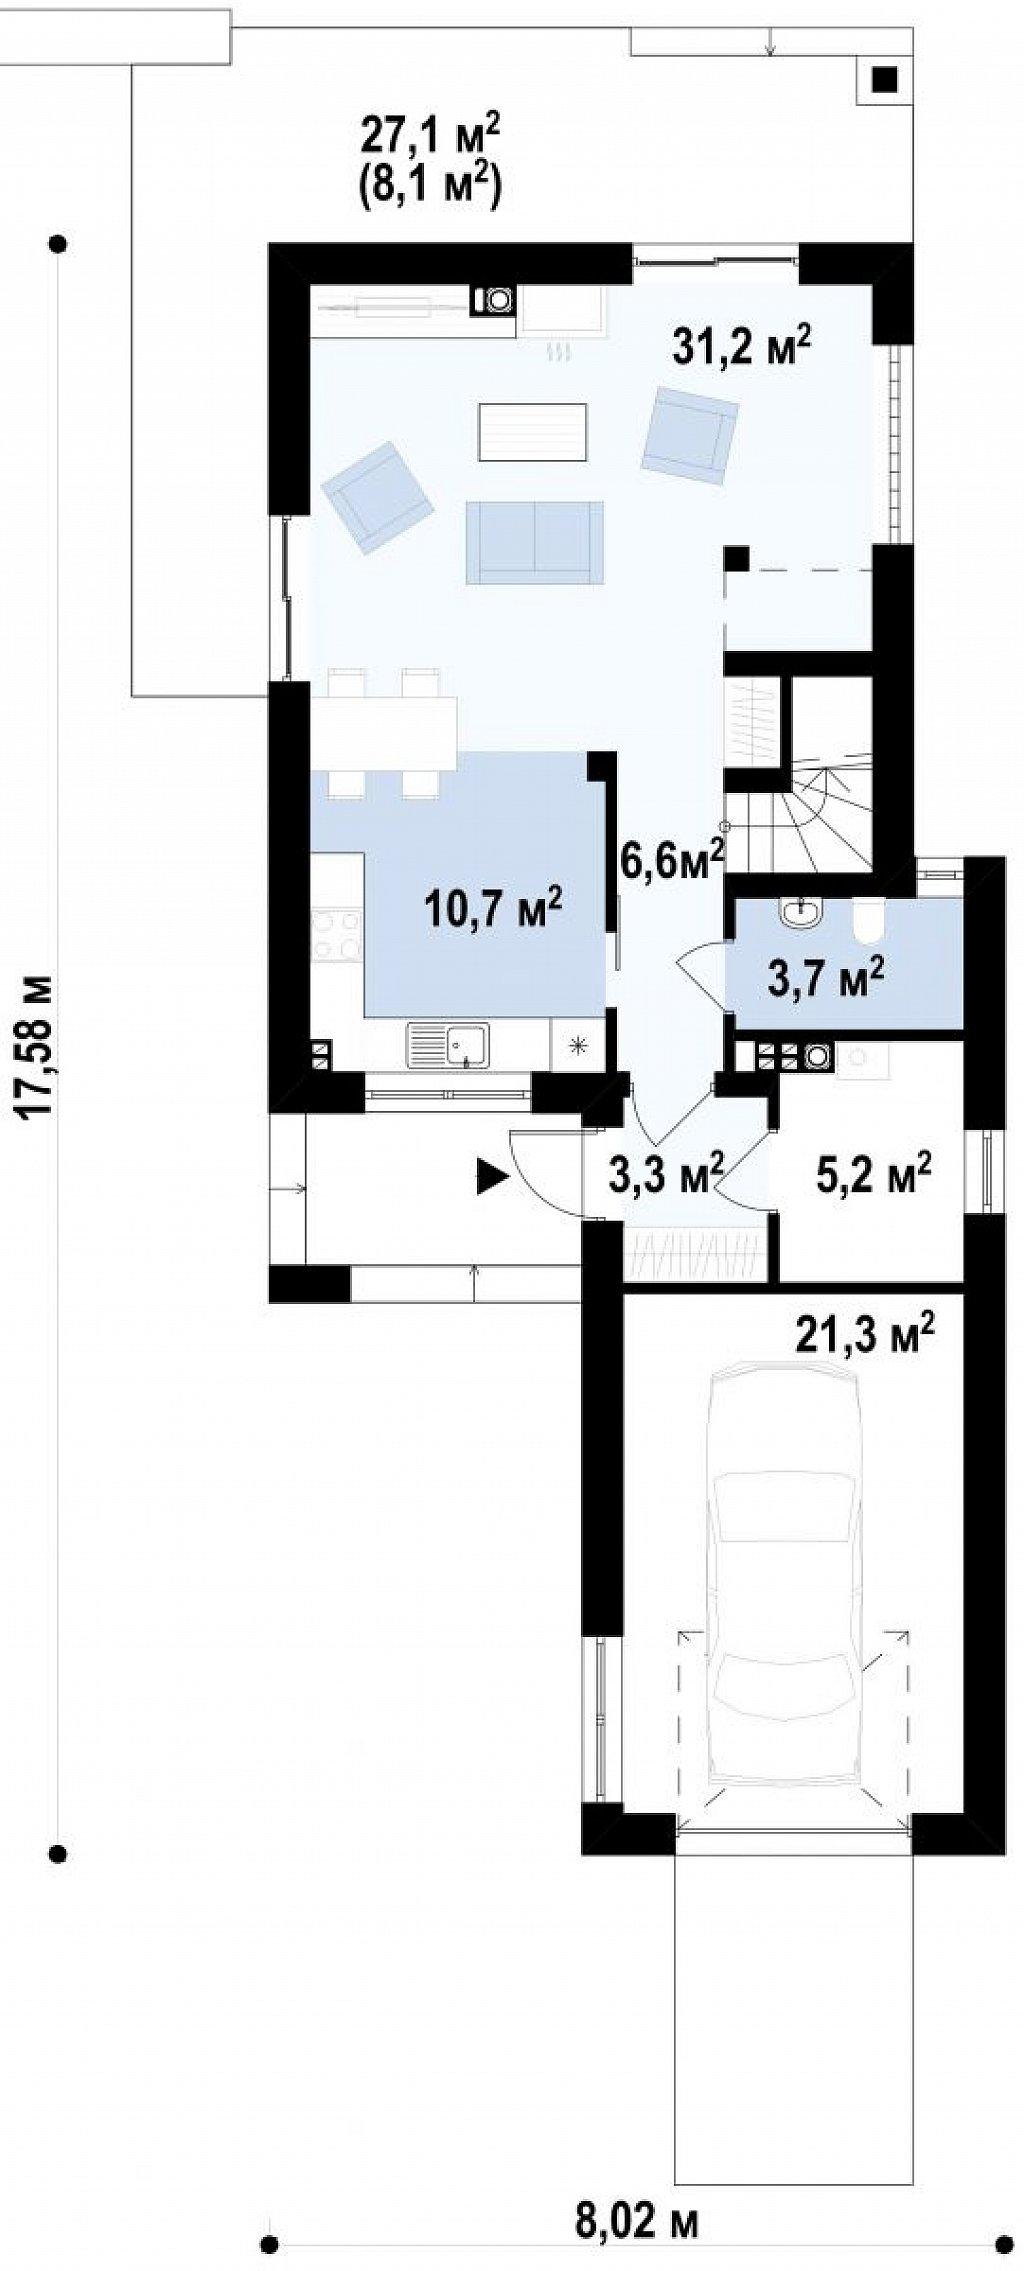 Вариант проекта Z297 с фронтальным гаражом, с изменениями в планировке. план помещений 1